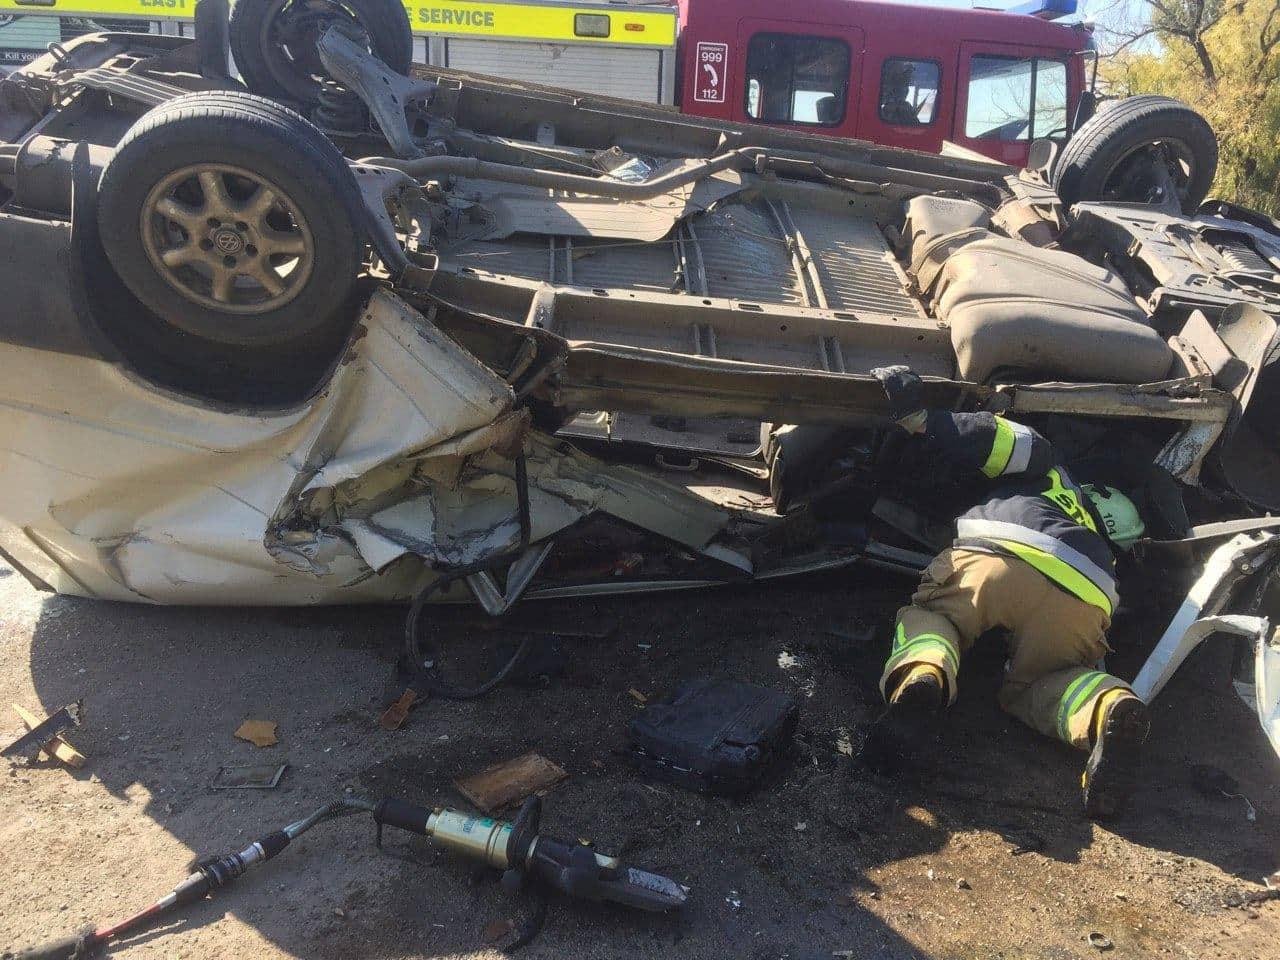 FOTO | ACCIDENT TRAGIC LA EDINEȚ. Un bărbat de 46 de ani a decedat pe loc, iar alte două persoane, transportate la spital